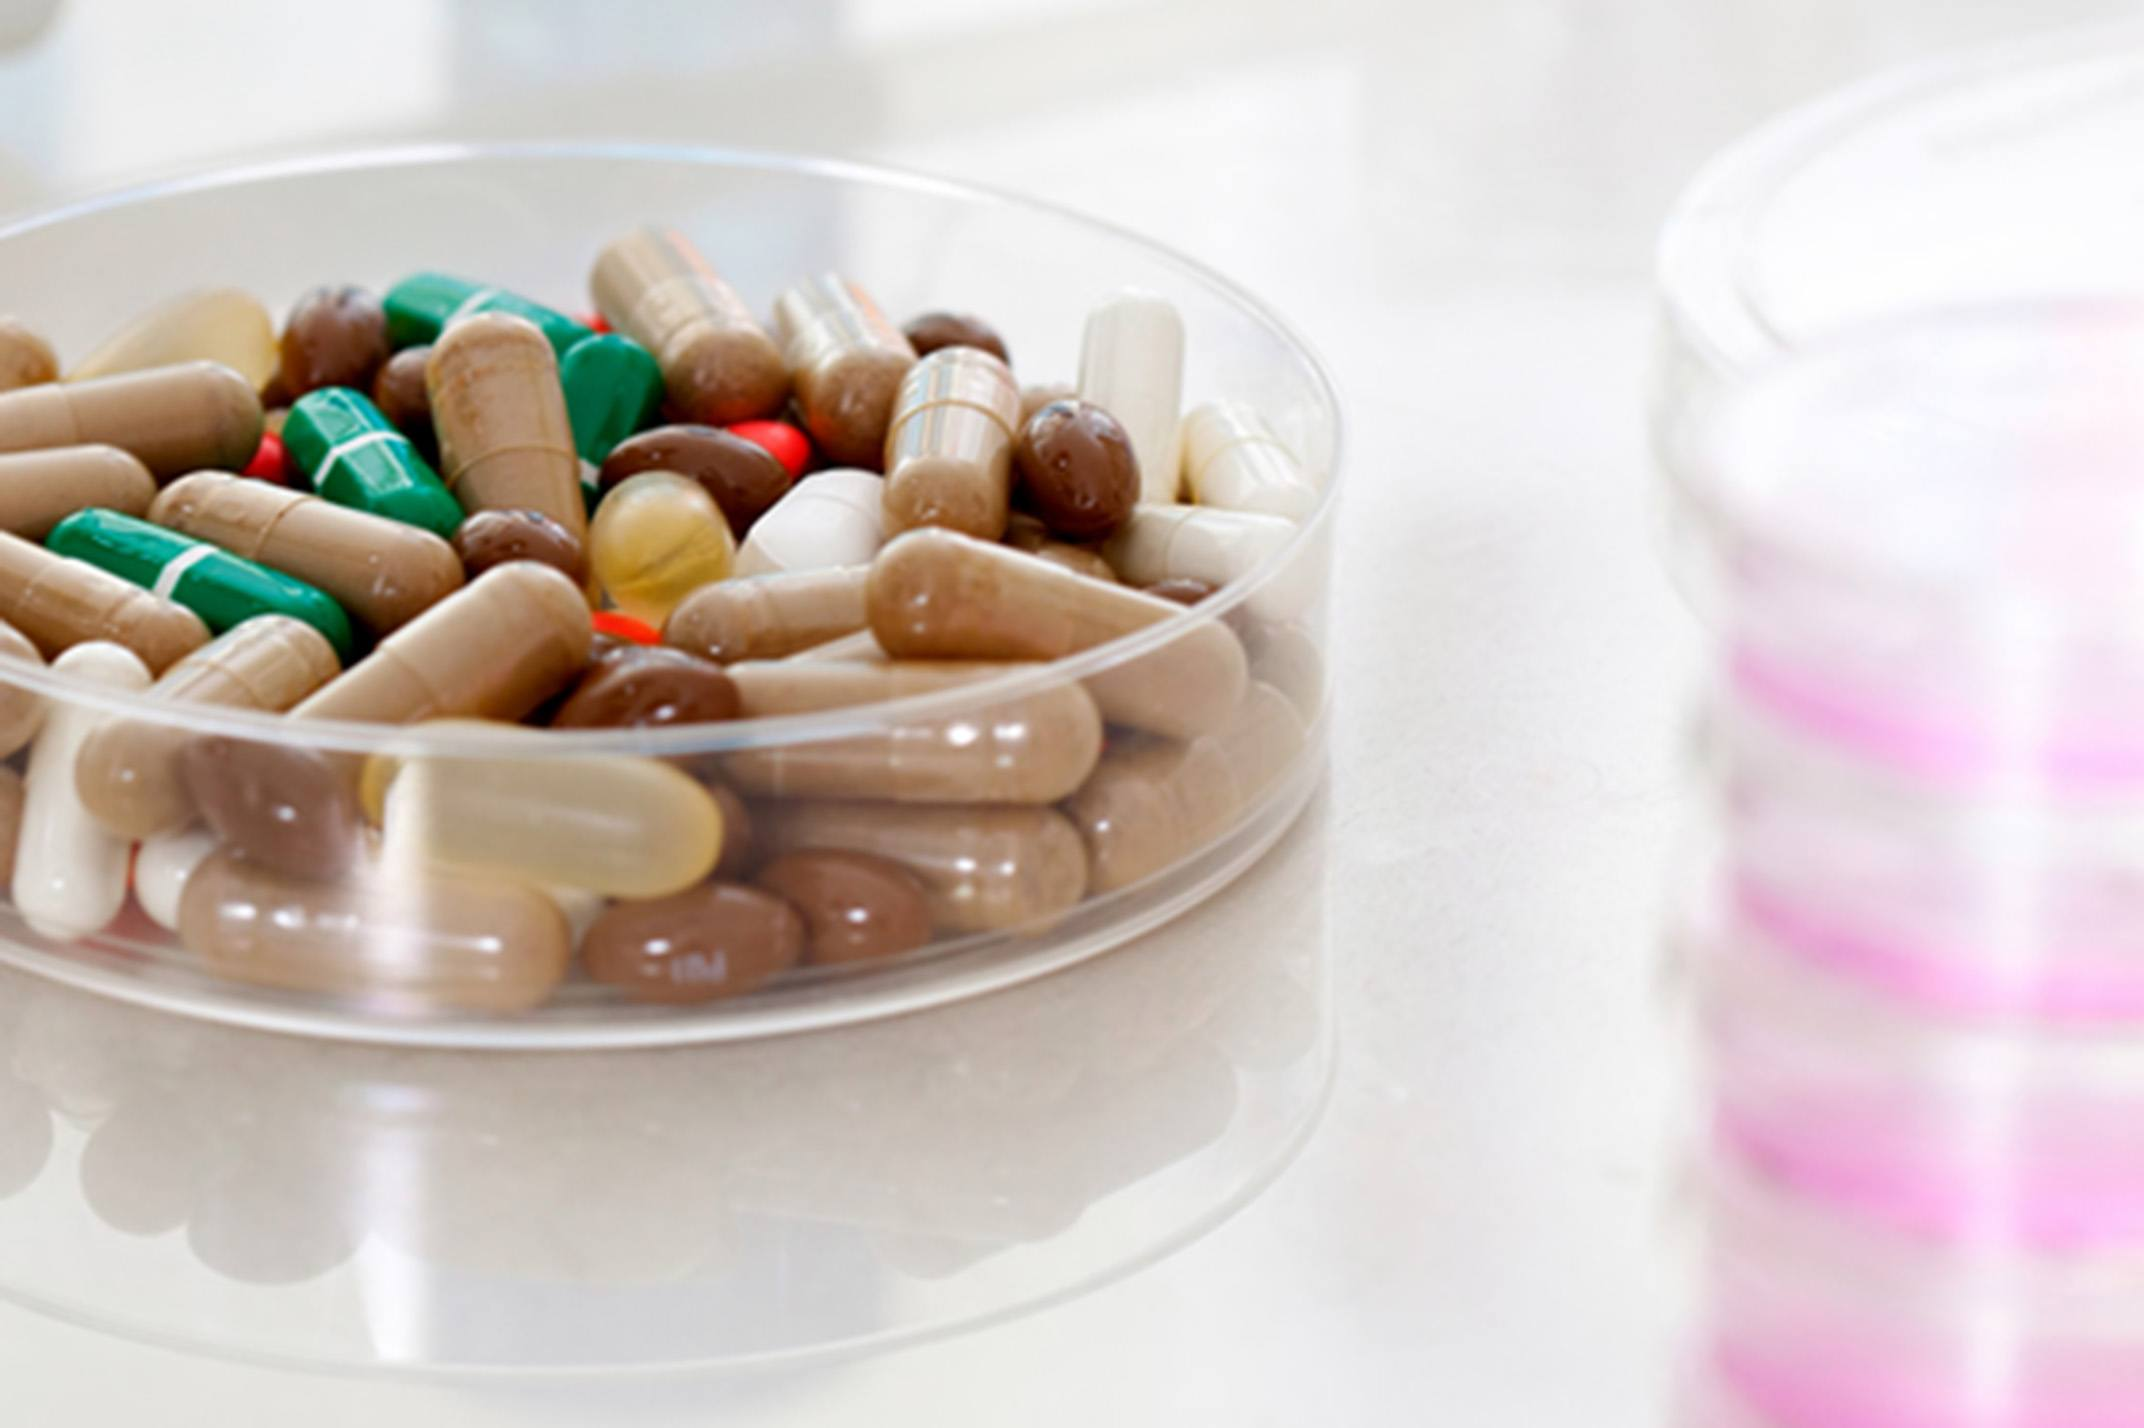 Rhodiola rosea Possui Razão Risco/Benefício Mais Favorável no Tratamento da Depressão Leve à Moderada